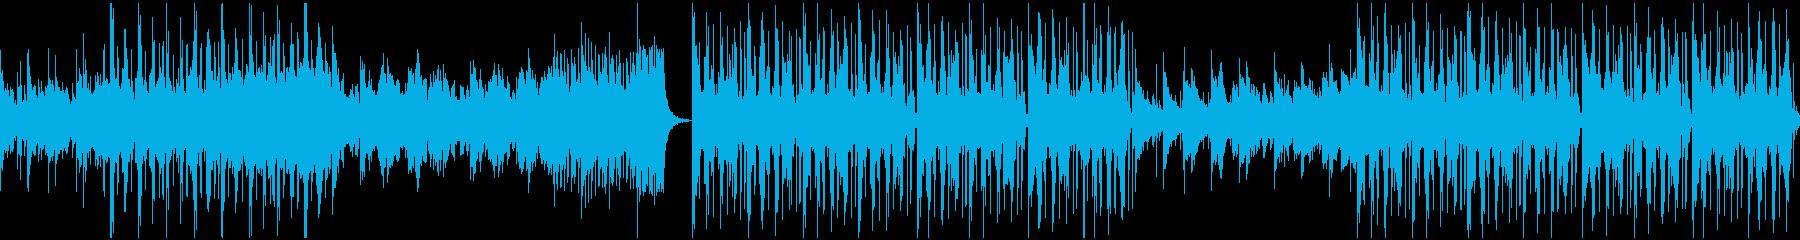 ずっと聞いていられる気持ちいい清涼感の曲の再生済みの波形